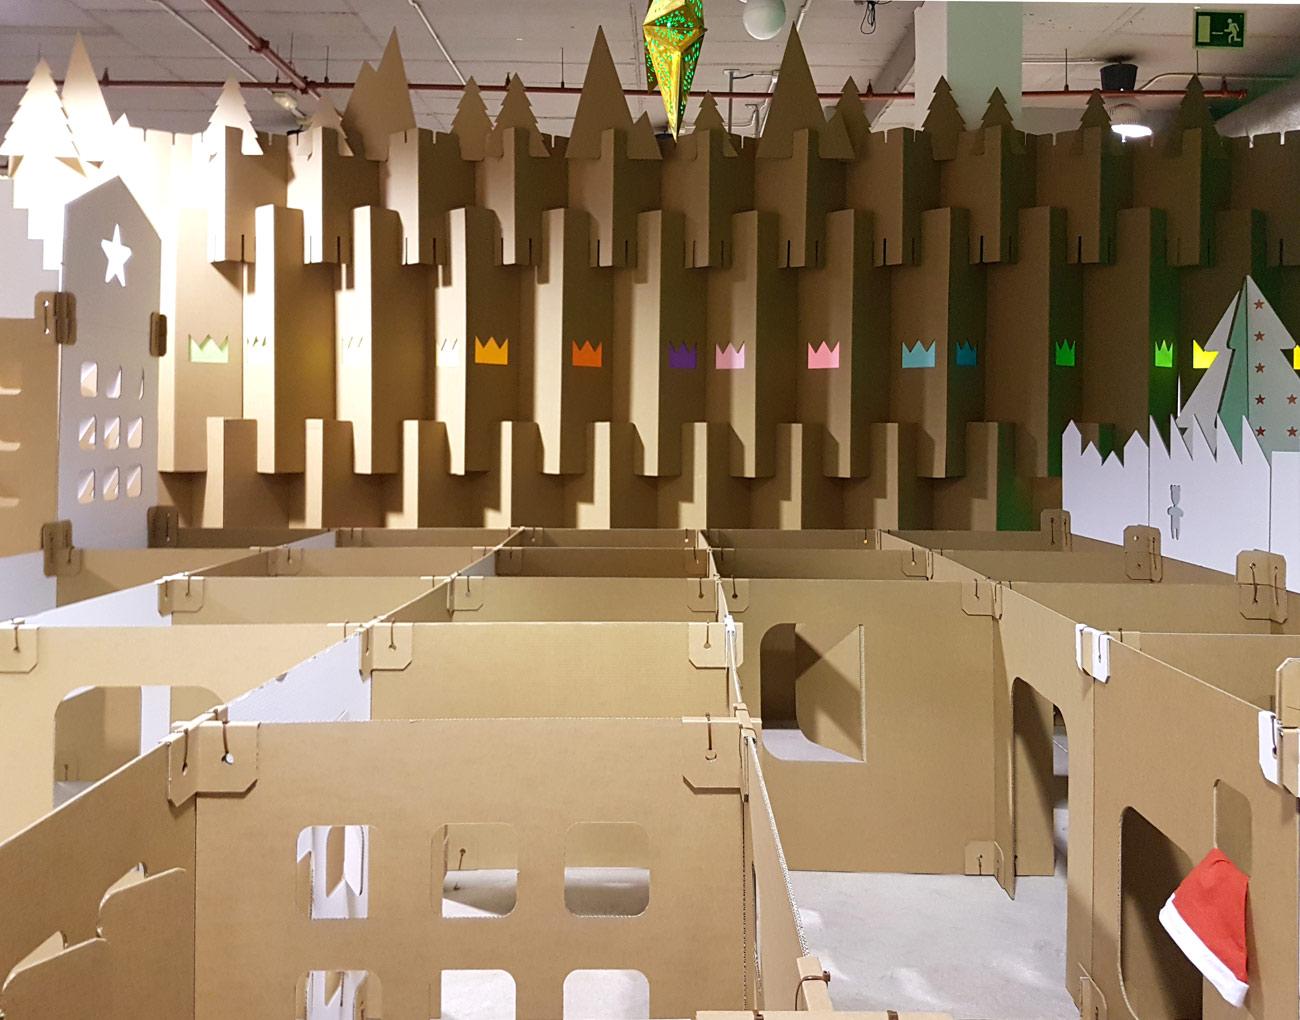 decoración navideña en centro comercial habaneras torrevieja fabrica de los sueños laberinto pueblo elfos biombos carton